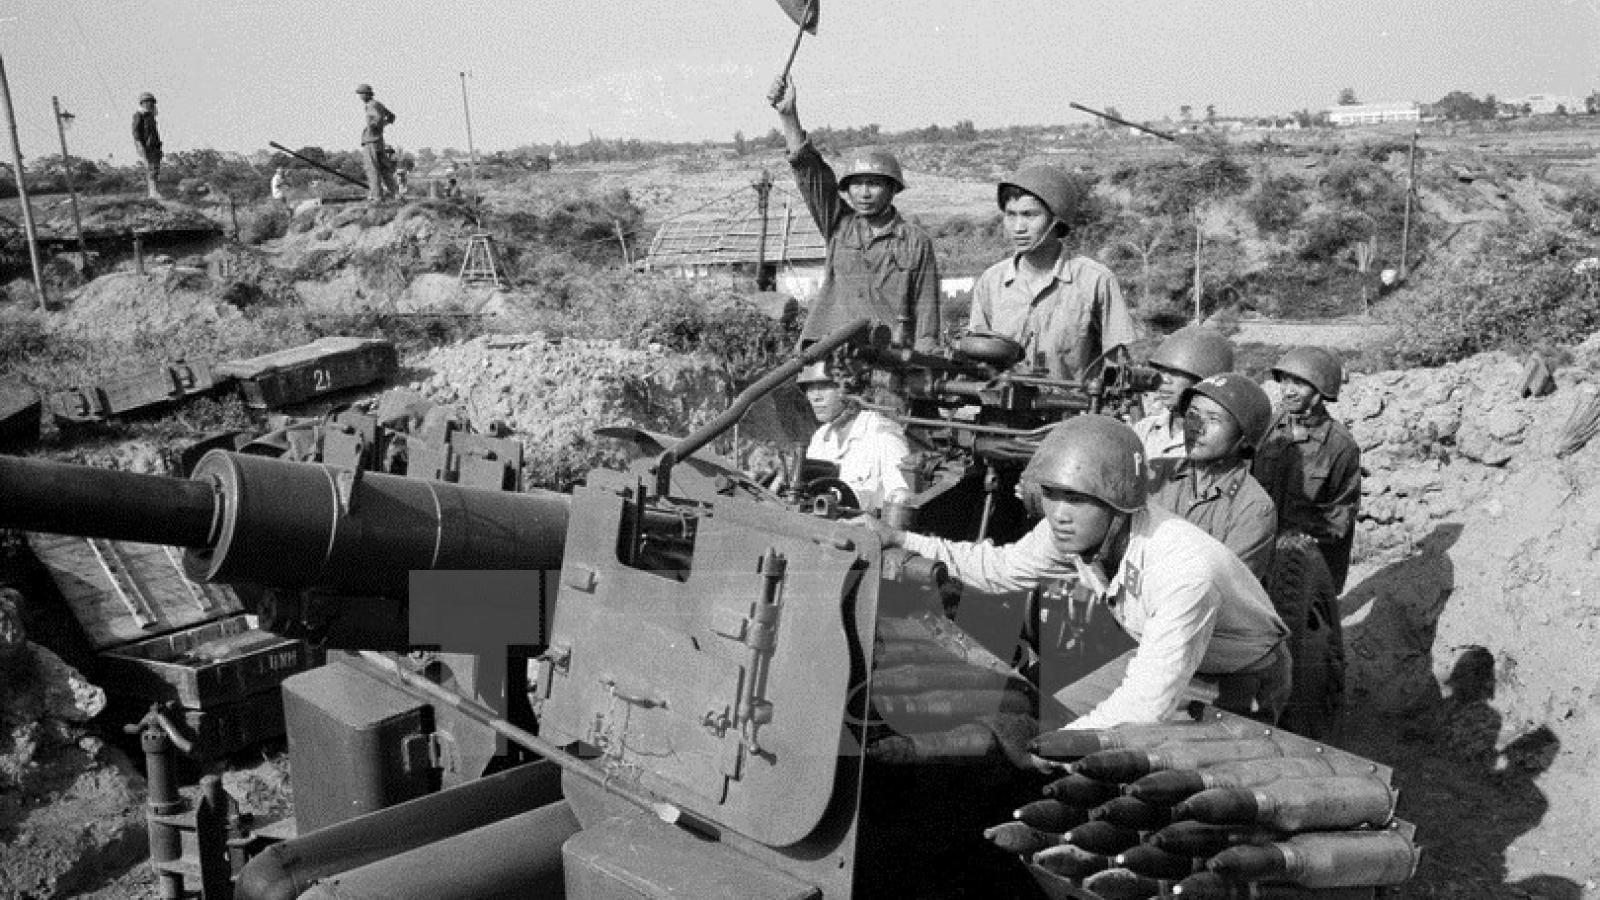 Sử dụng B52 tập kích Hà Nội năm 1972: Âm mưu và toan tính của tập đoàn Nixon